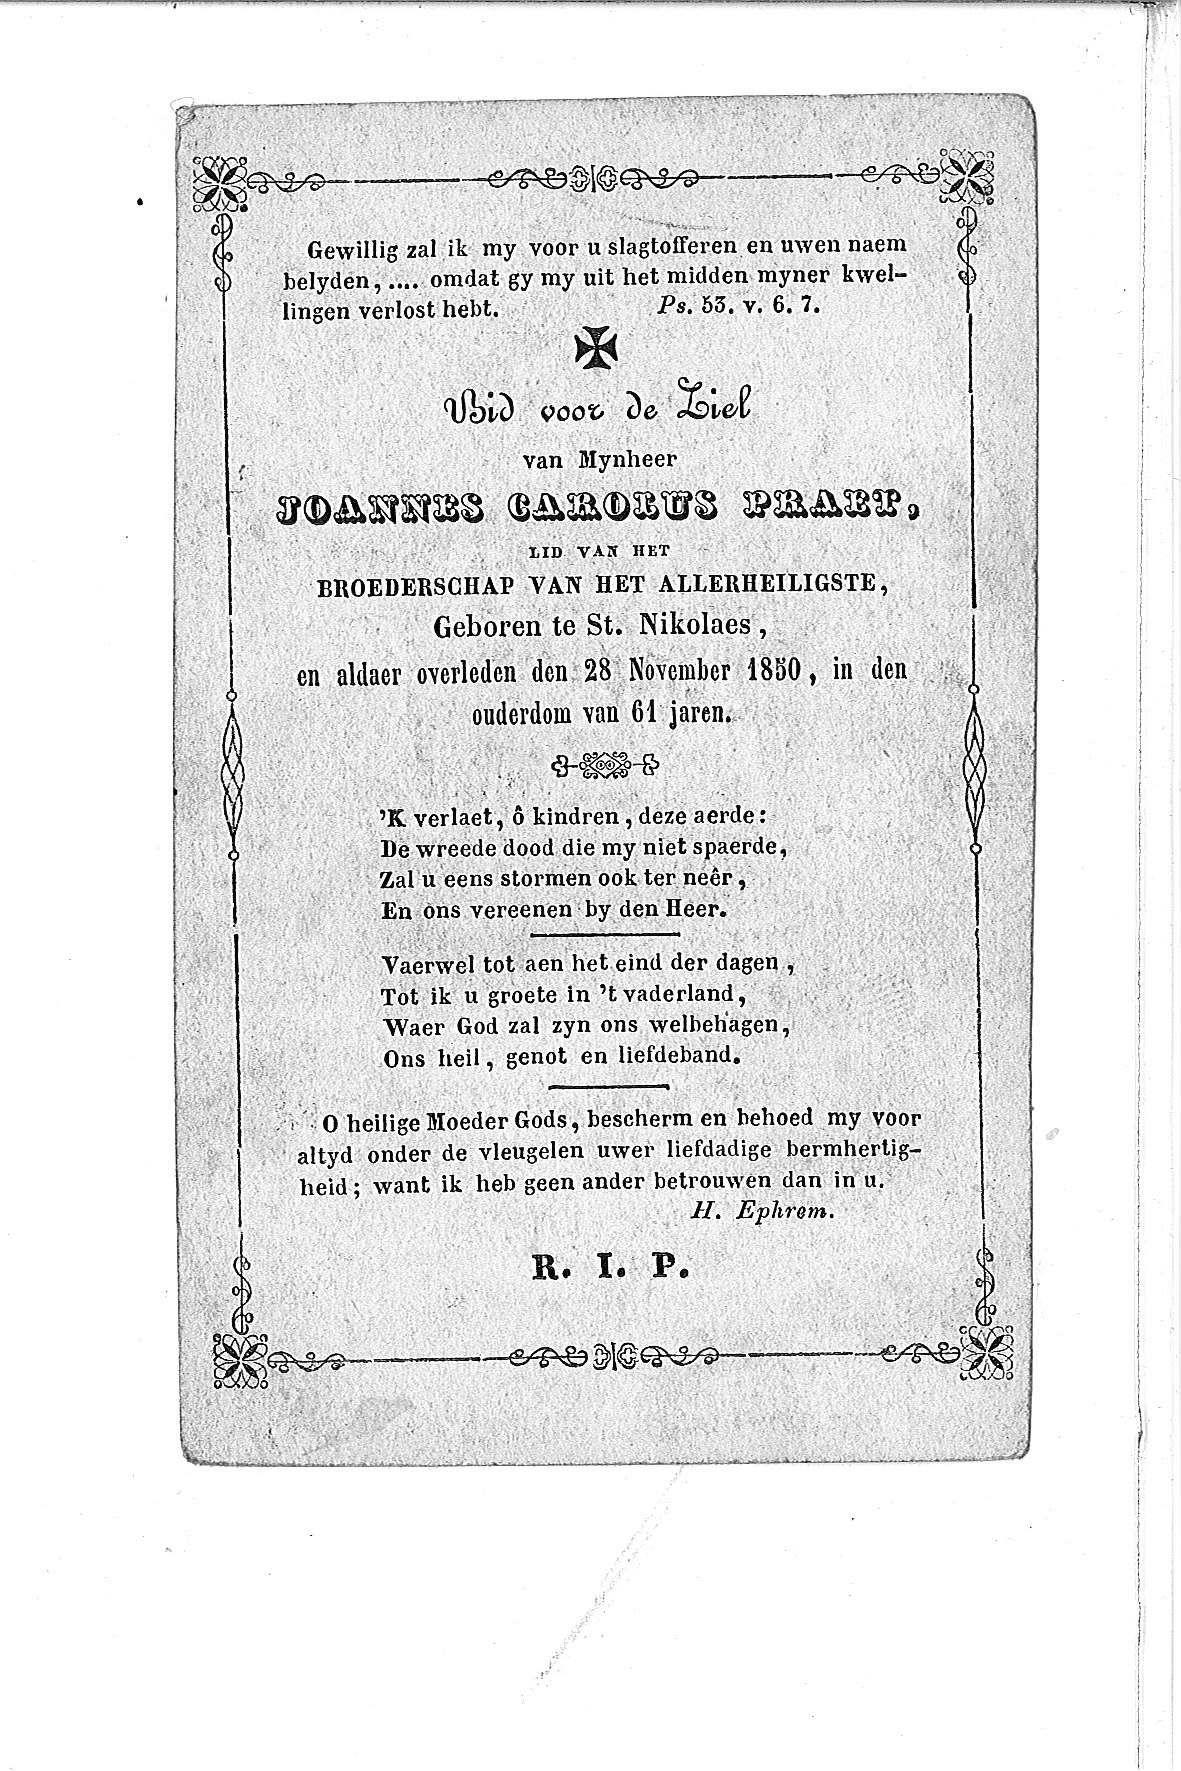 Joannes-Carolus(1850)20100507162431_00007.jpg